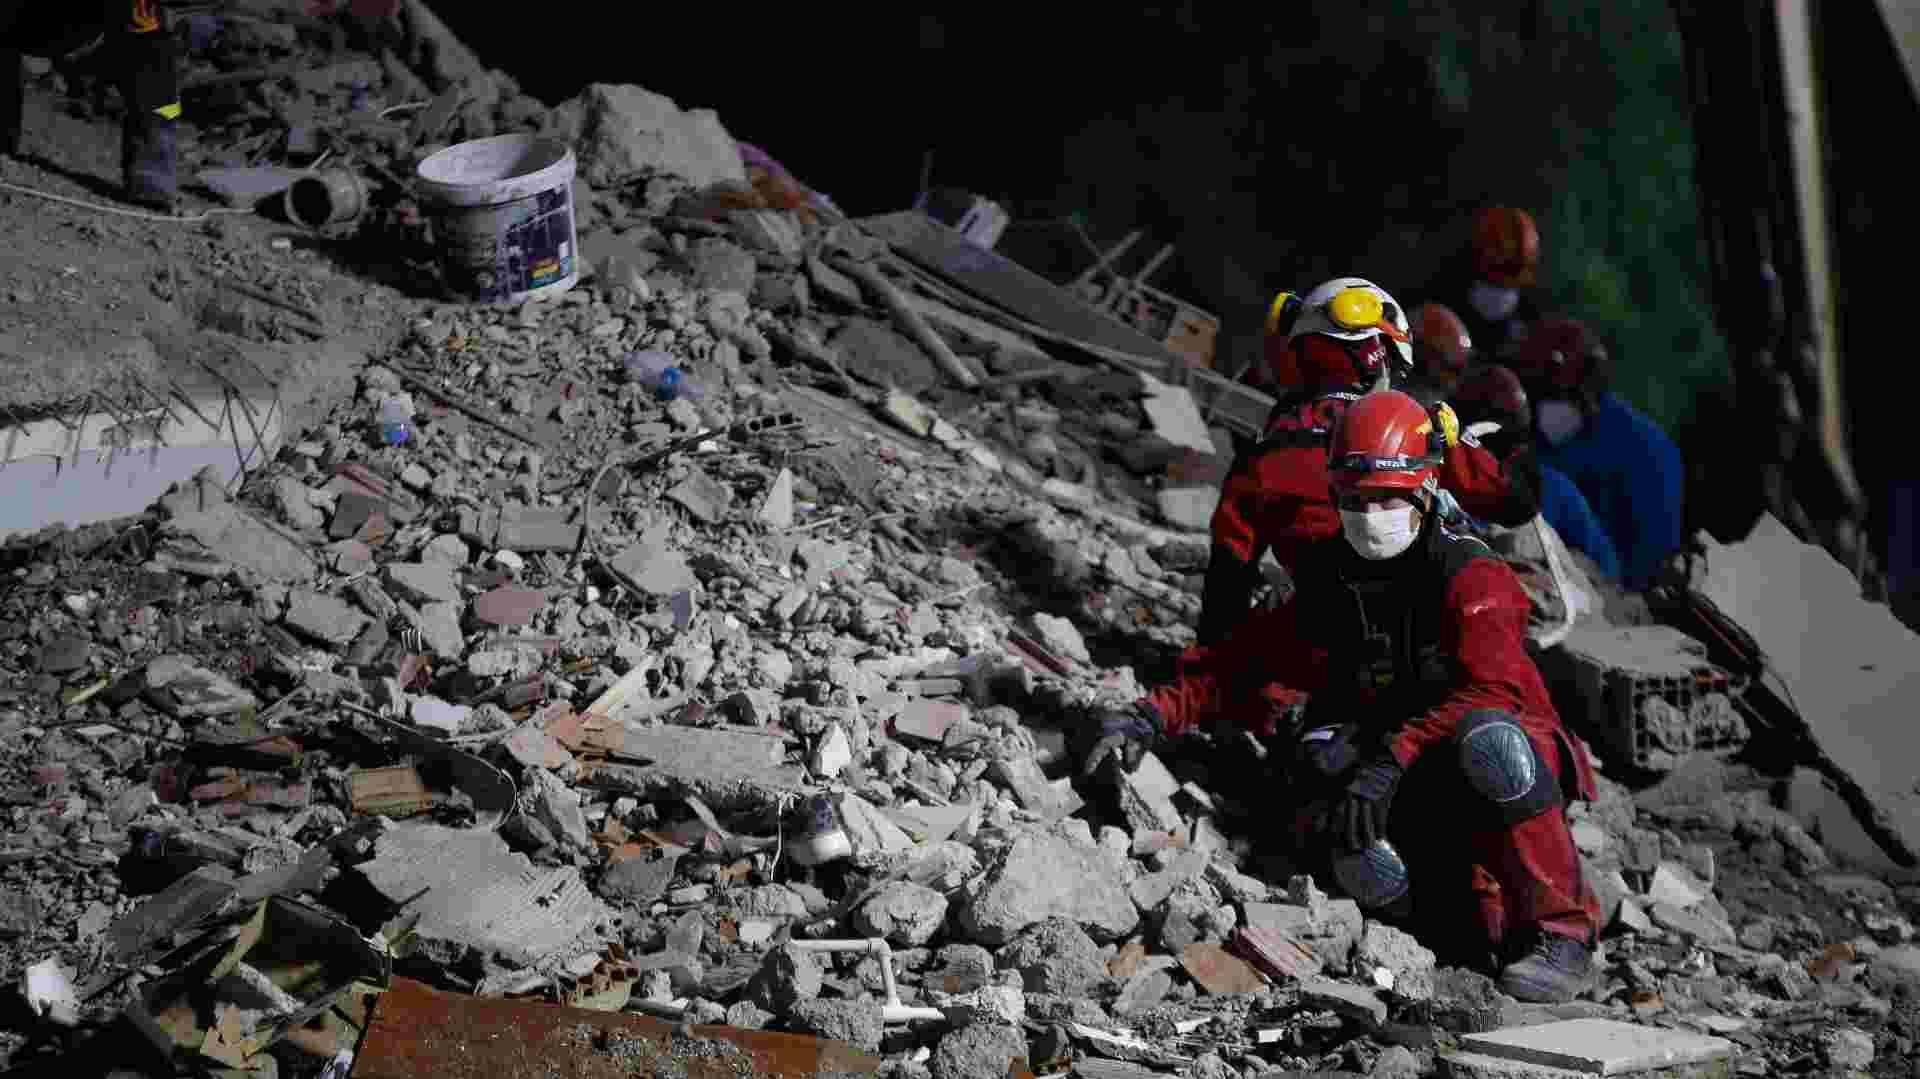 Dvoje dece spaseno iz ruševina u Turskoj, broj mrtvih u zemljotresu dostigao 92 1